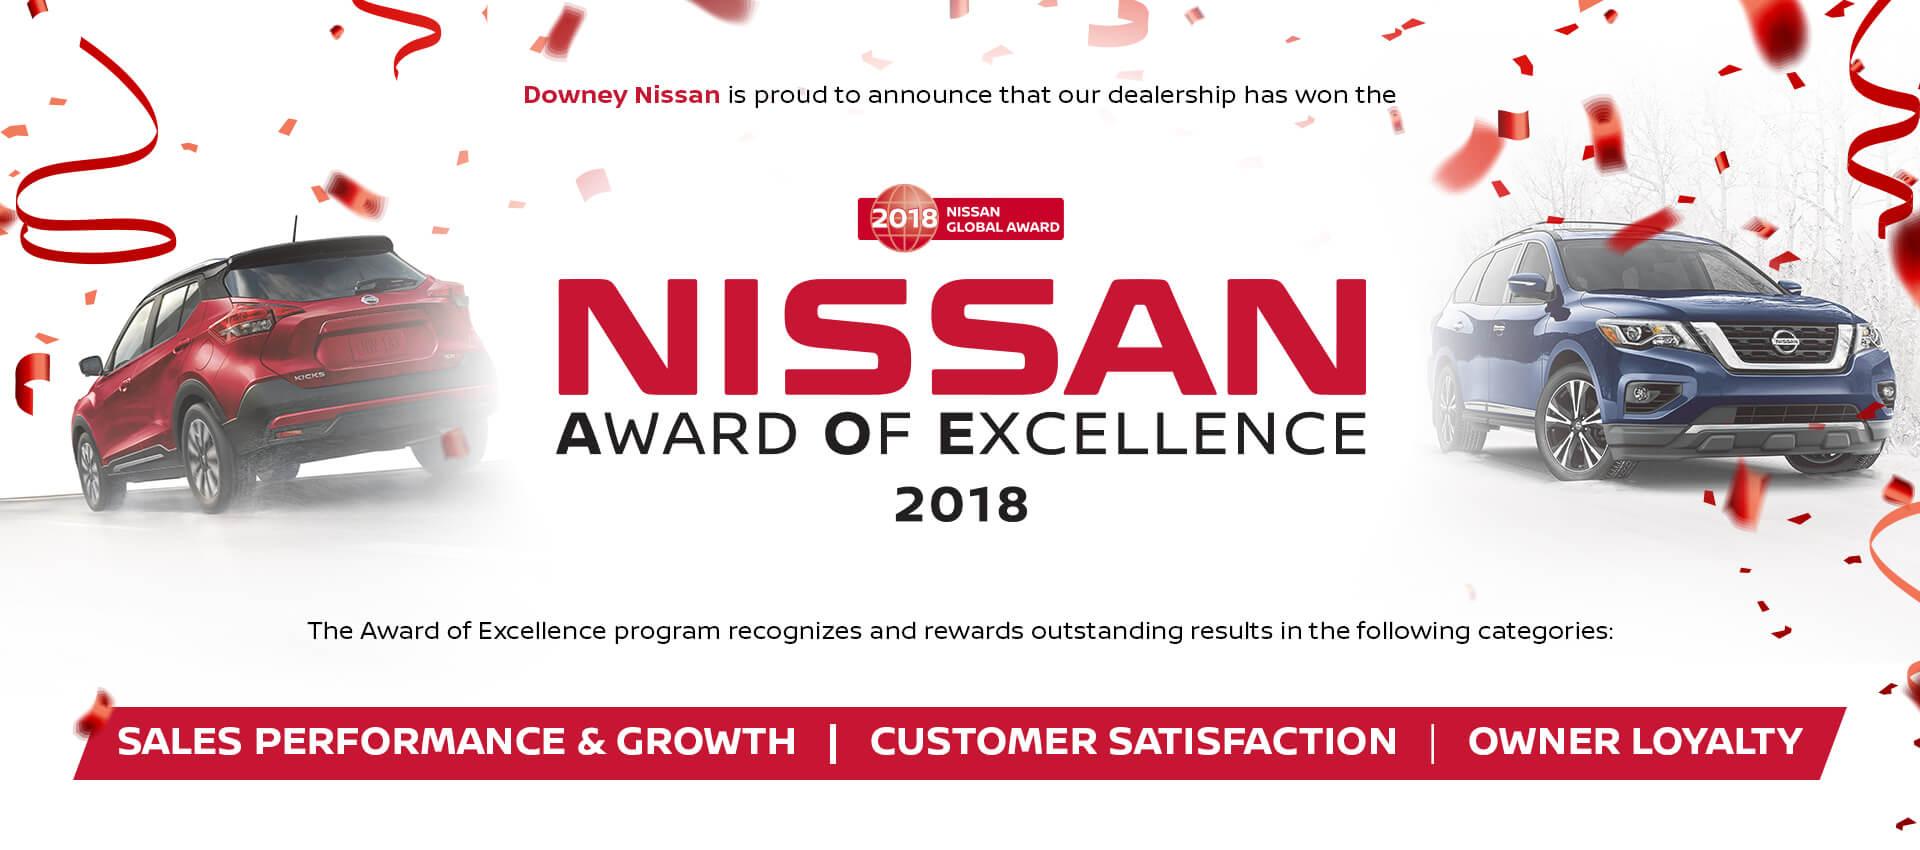 Nissan Award